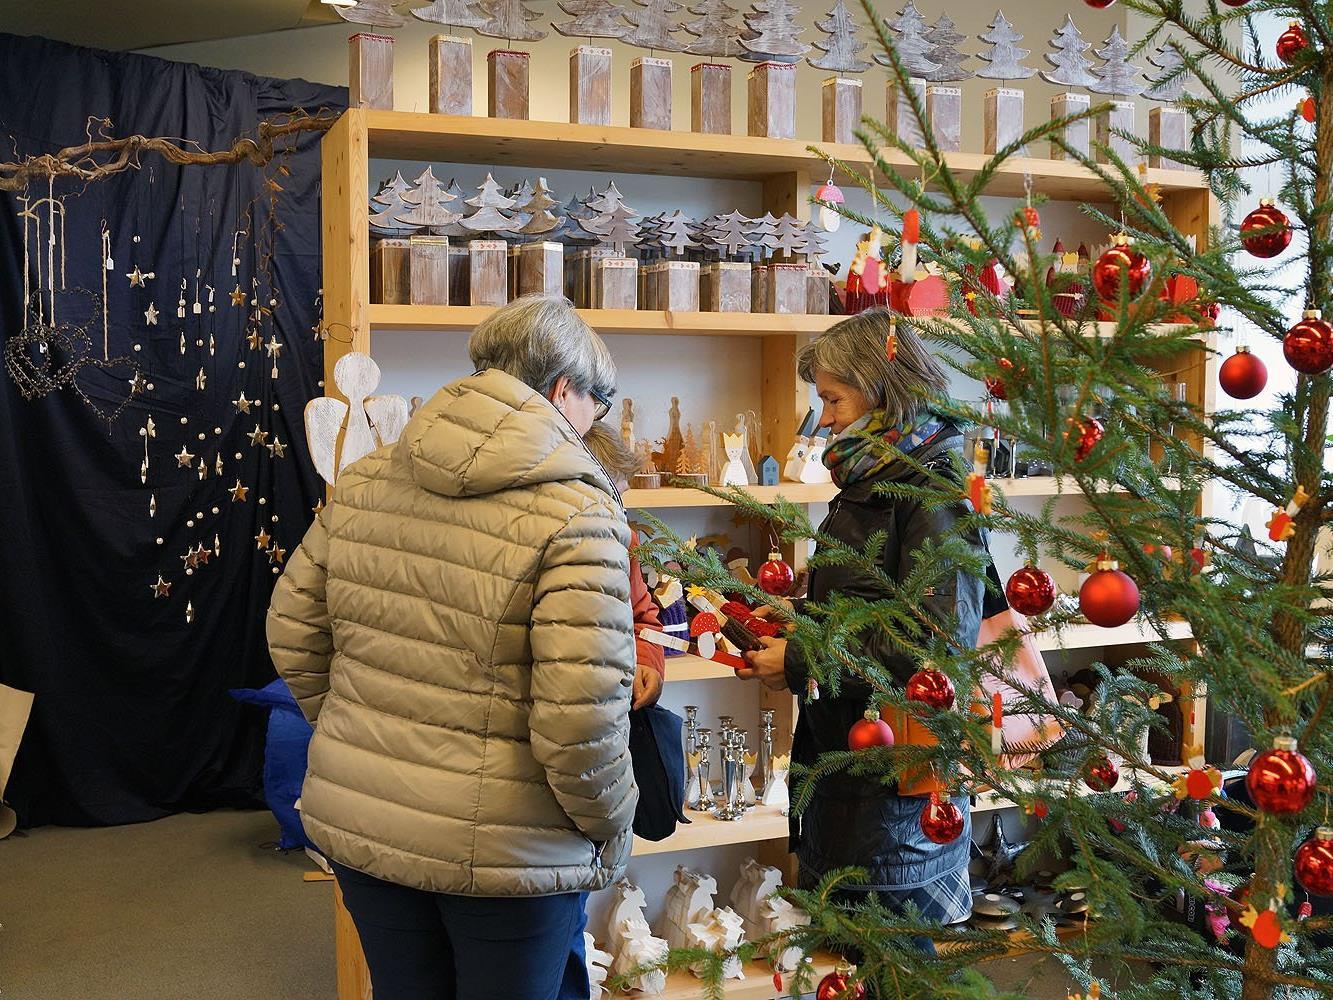 Das lebens.ART-Geschäft bietet handgefertigte Dekorations- und Geschenksideen für Weihnachten.